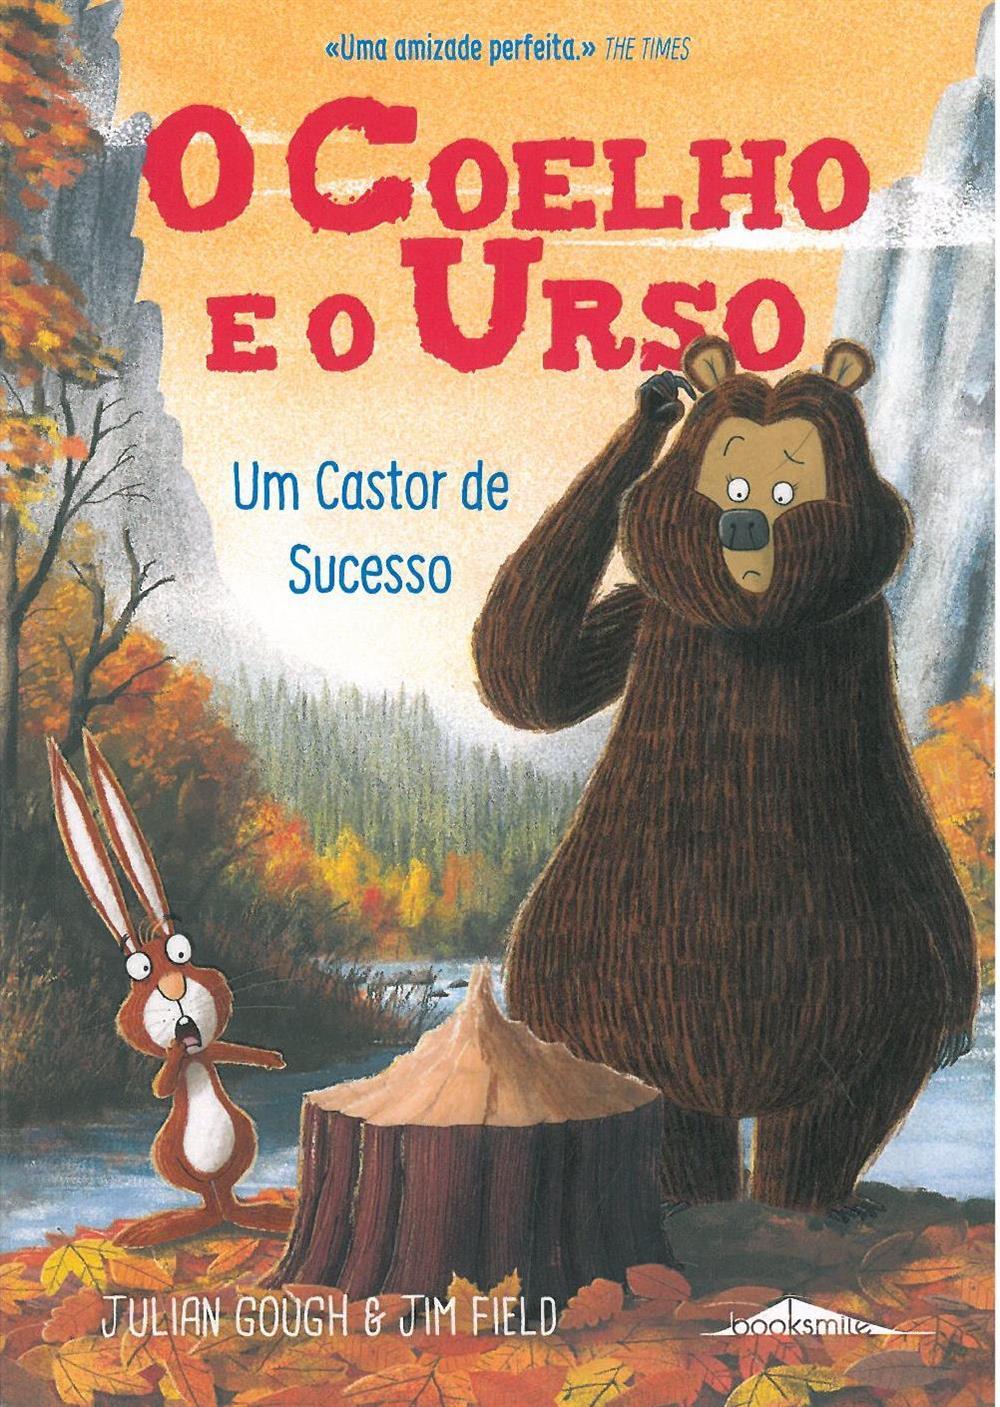 O coelho e o urso.jpg